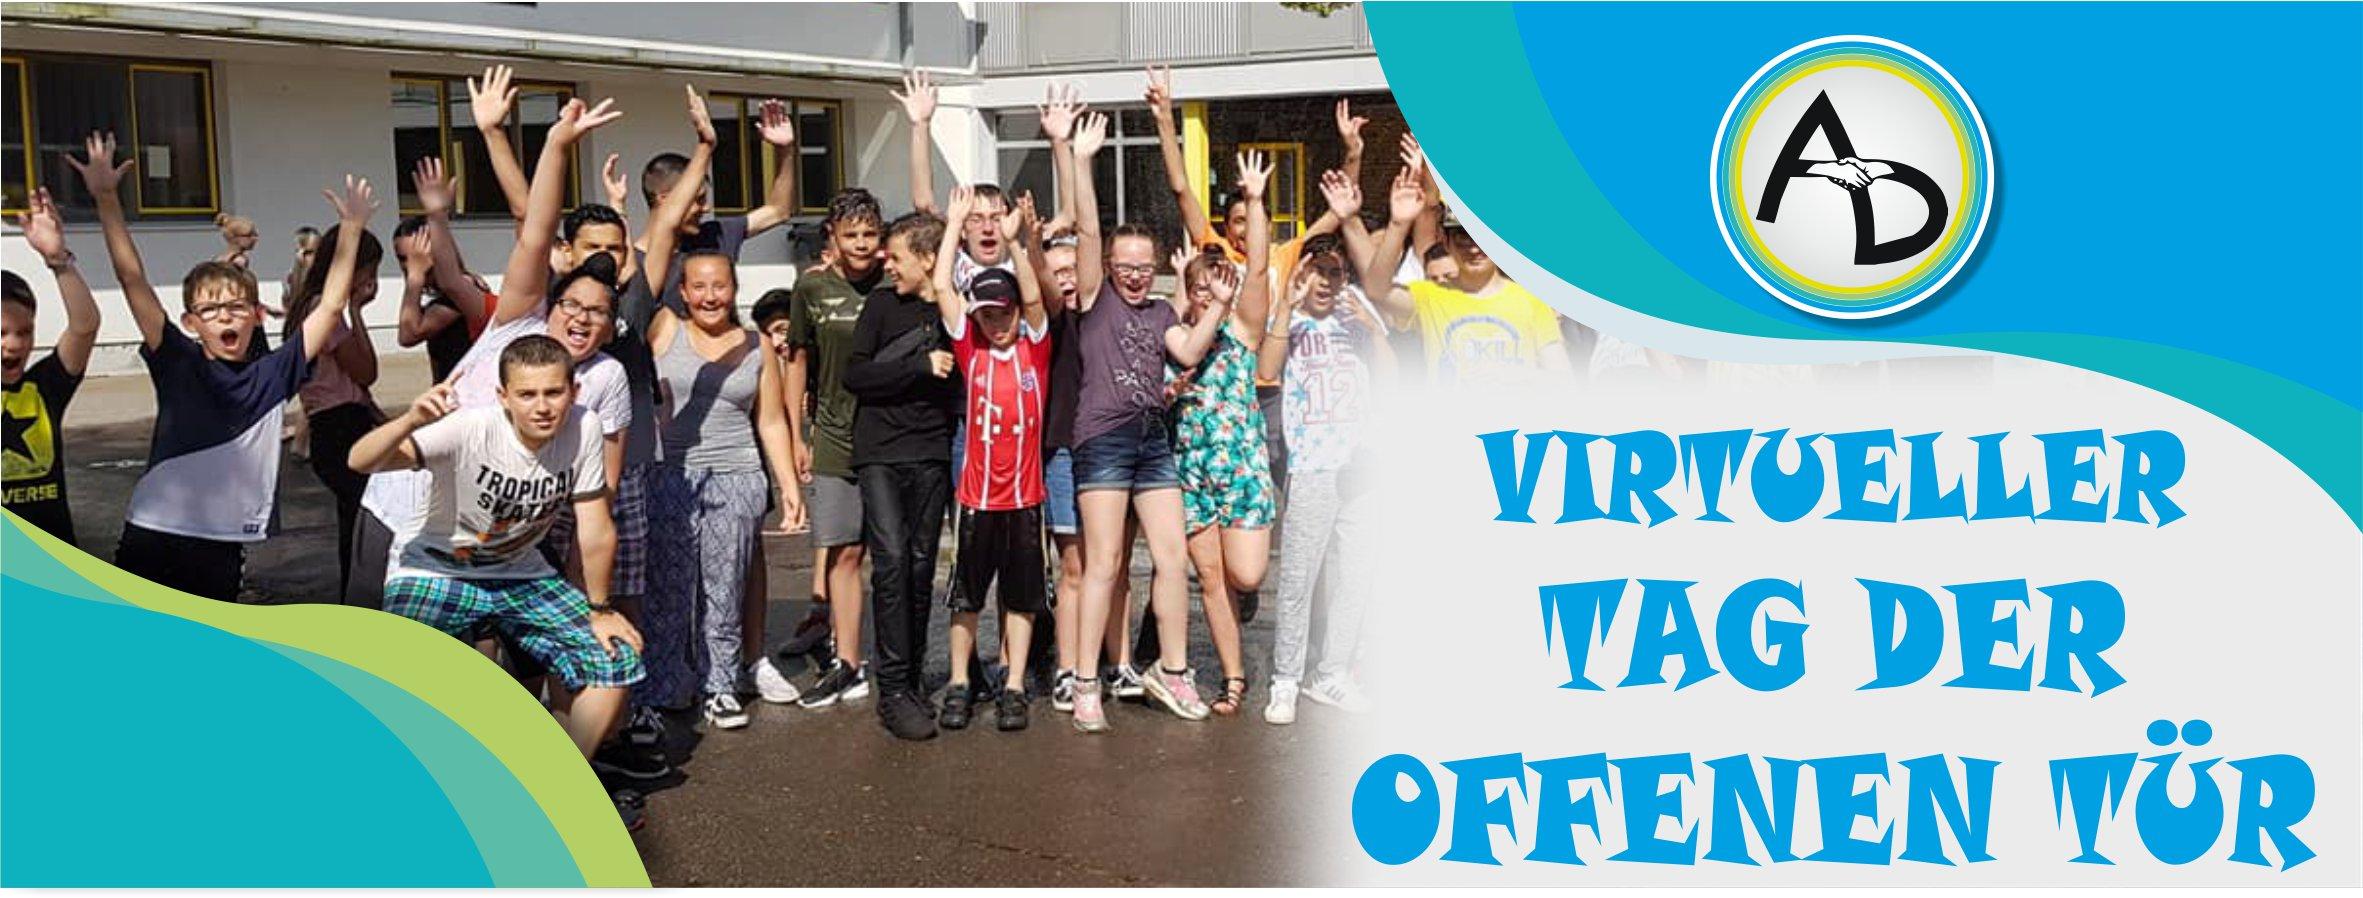 Virtueller Tag der offenen Tür – Log dich ein!